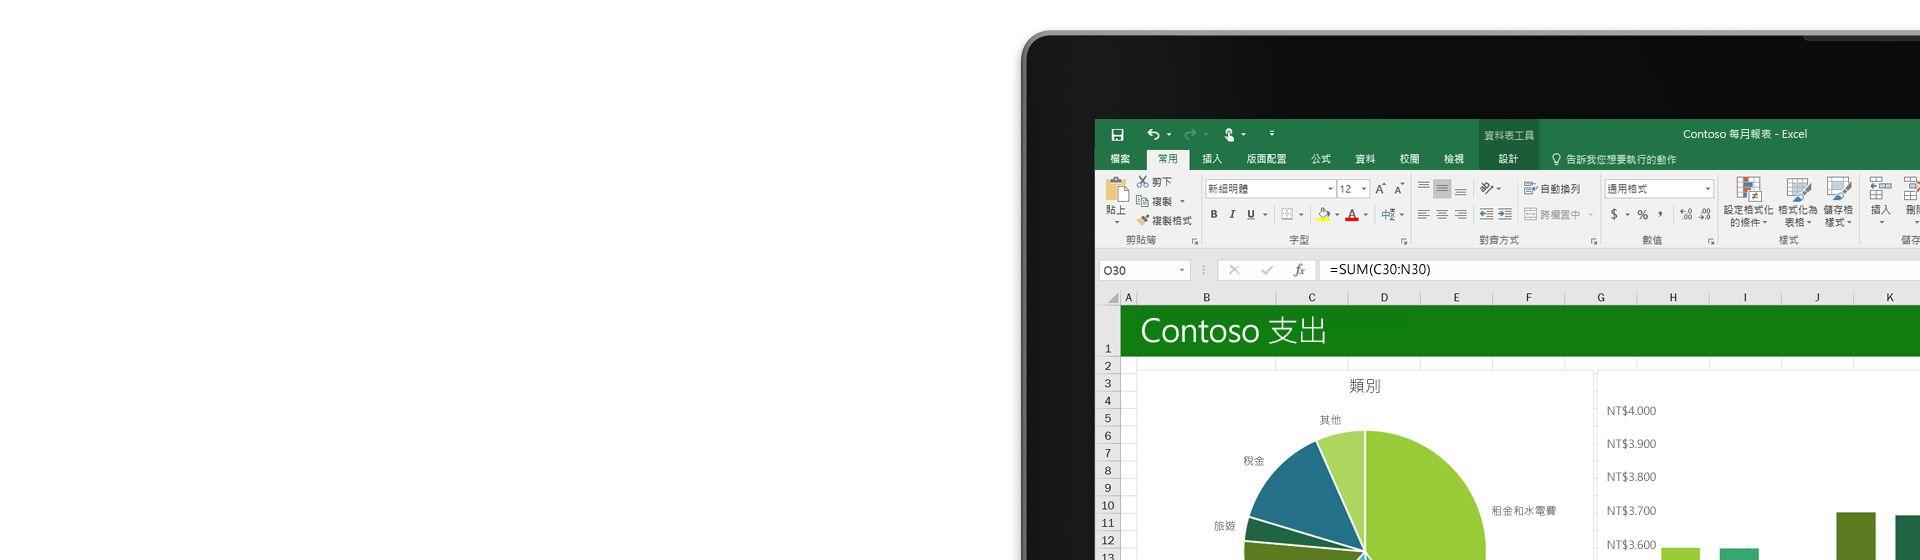 顯示含圖表的 Microsoft Excel 試算表的膝上型電腦。